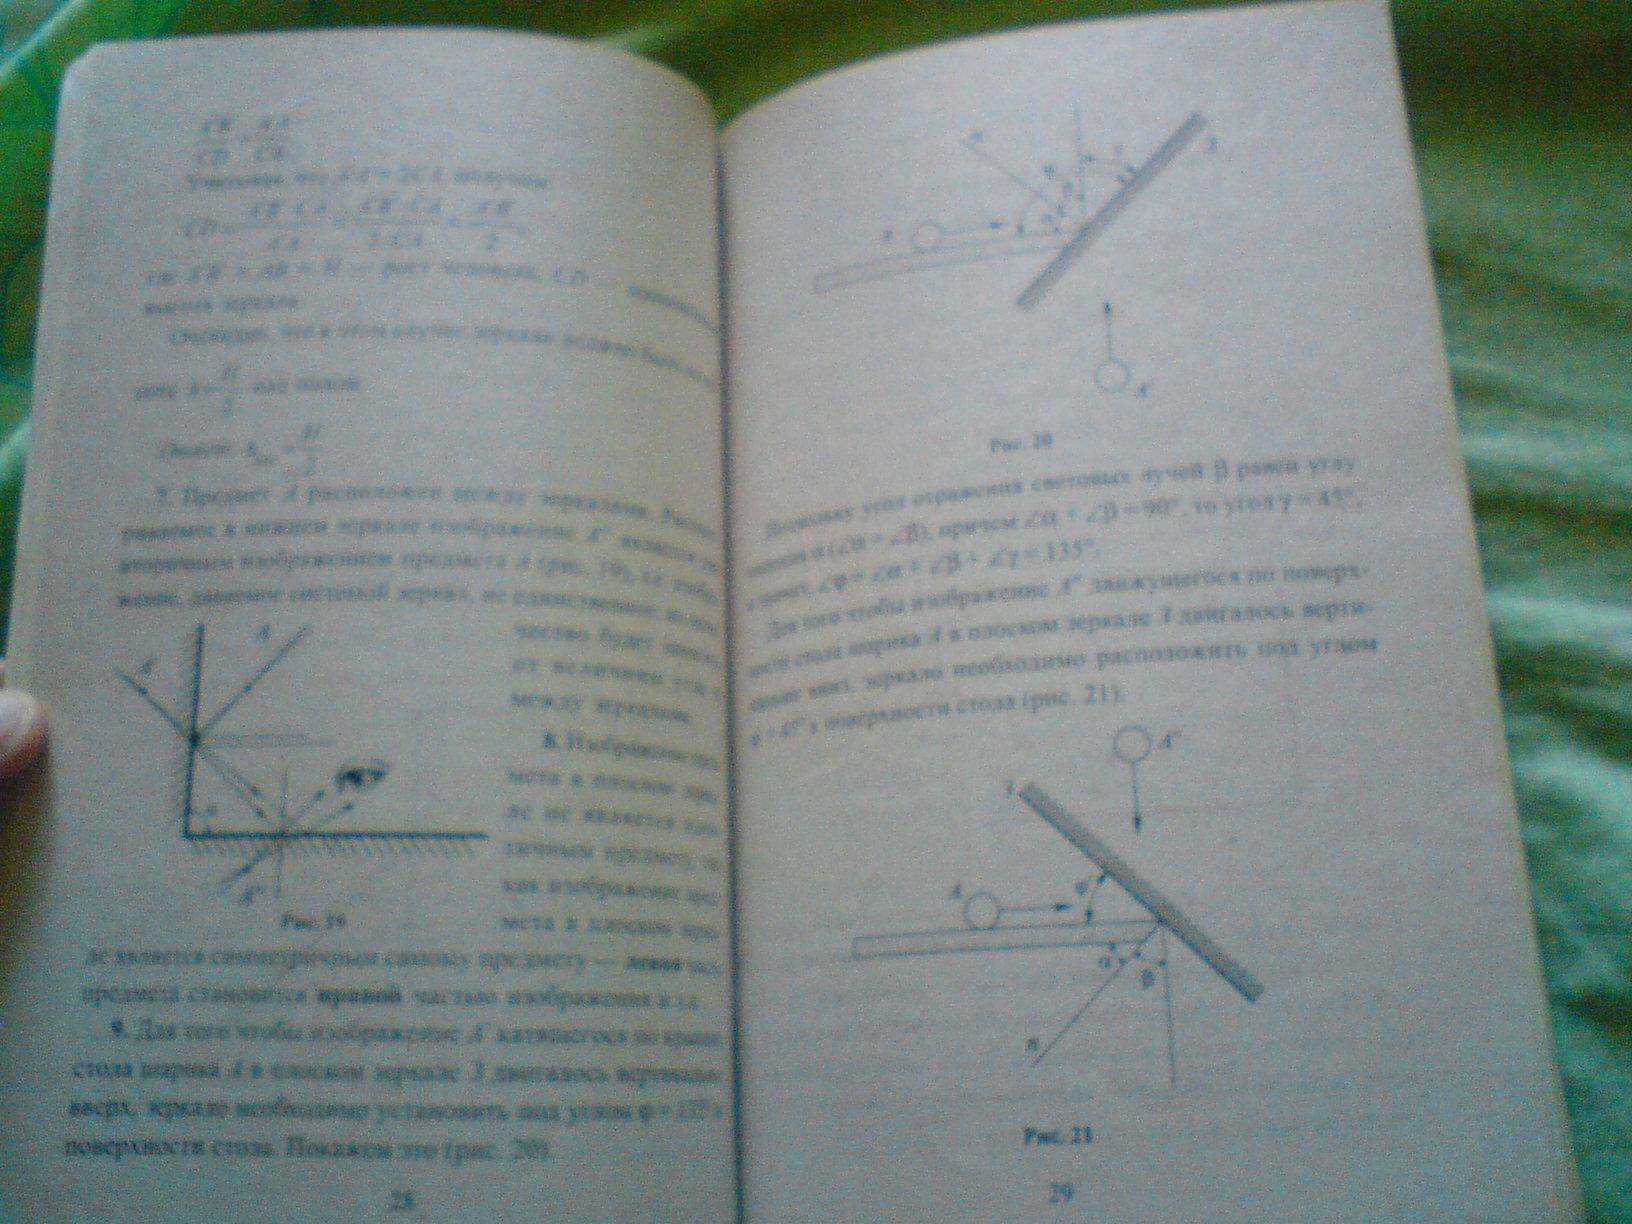 Решебник по физике 9 класс. Страница 16